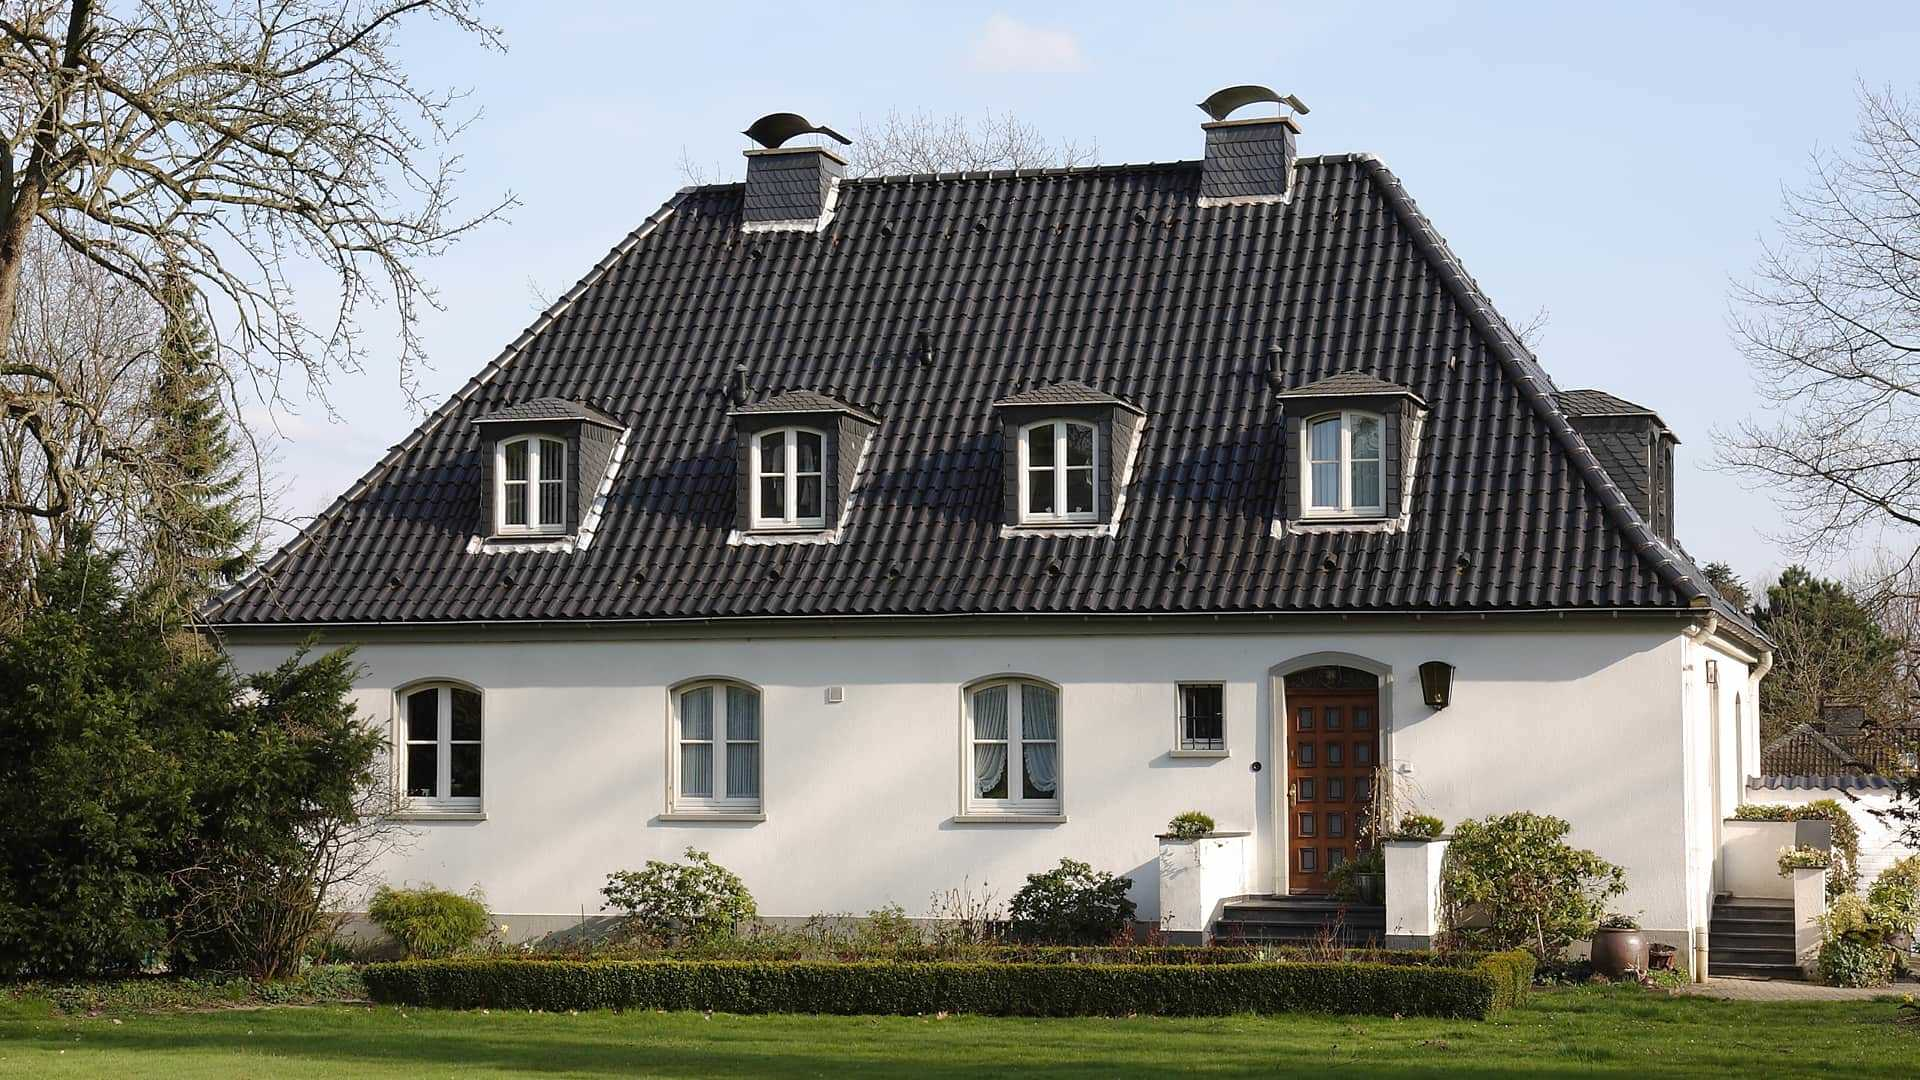 Landhaus bauen - Hausbeispiele mit Preisen und Grundrissen